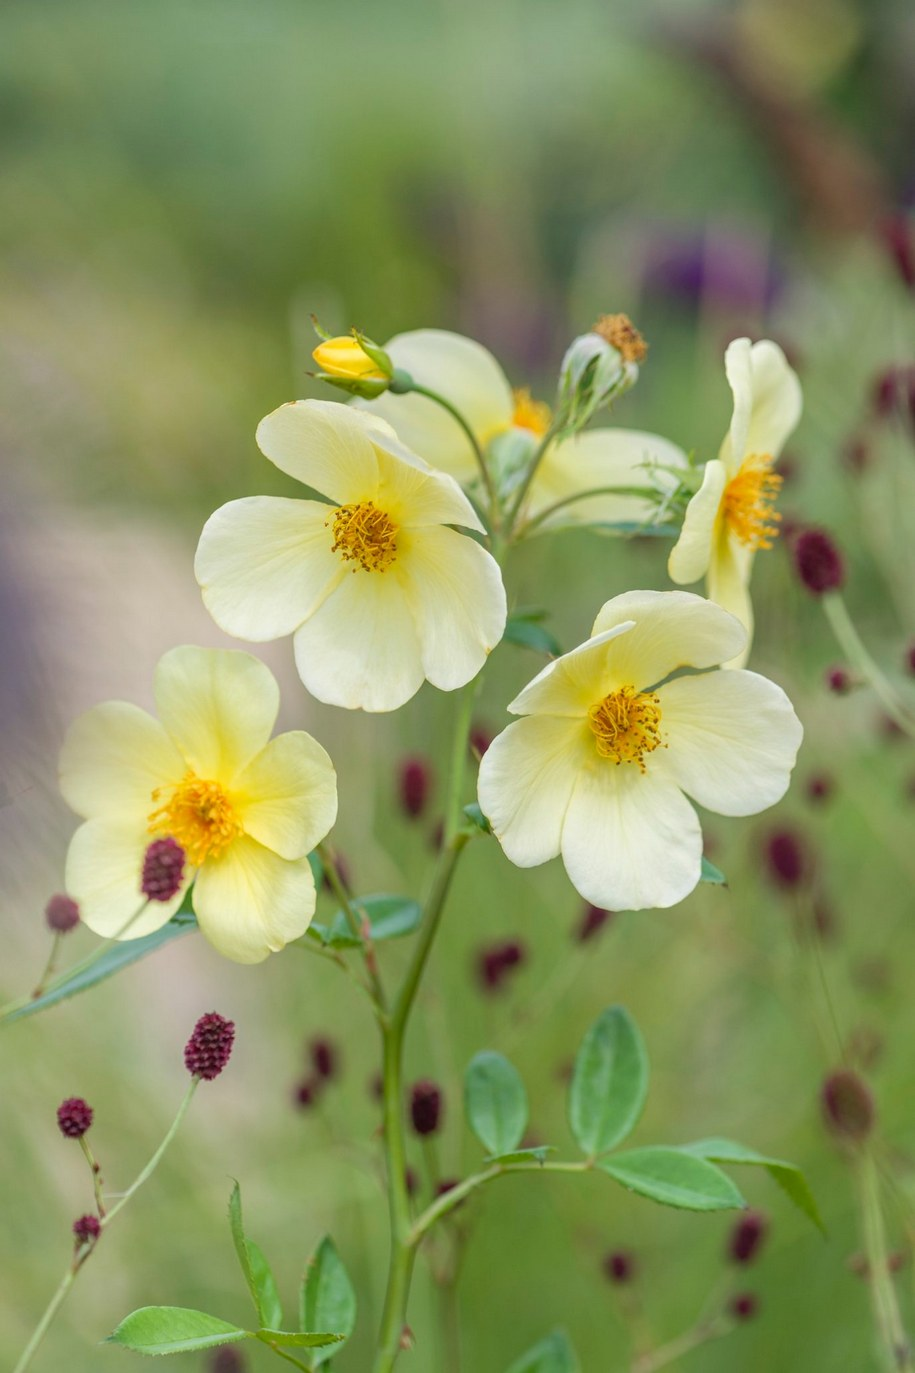 Шовковисті ніжно-жовті пелюстки троянди Tottering-by-Gently's чудово контрастують із щетинистими маленькими фіолетово-червоними квітами родовика лікарського сорту 'Tanna'»